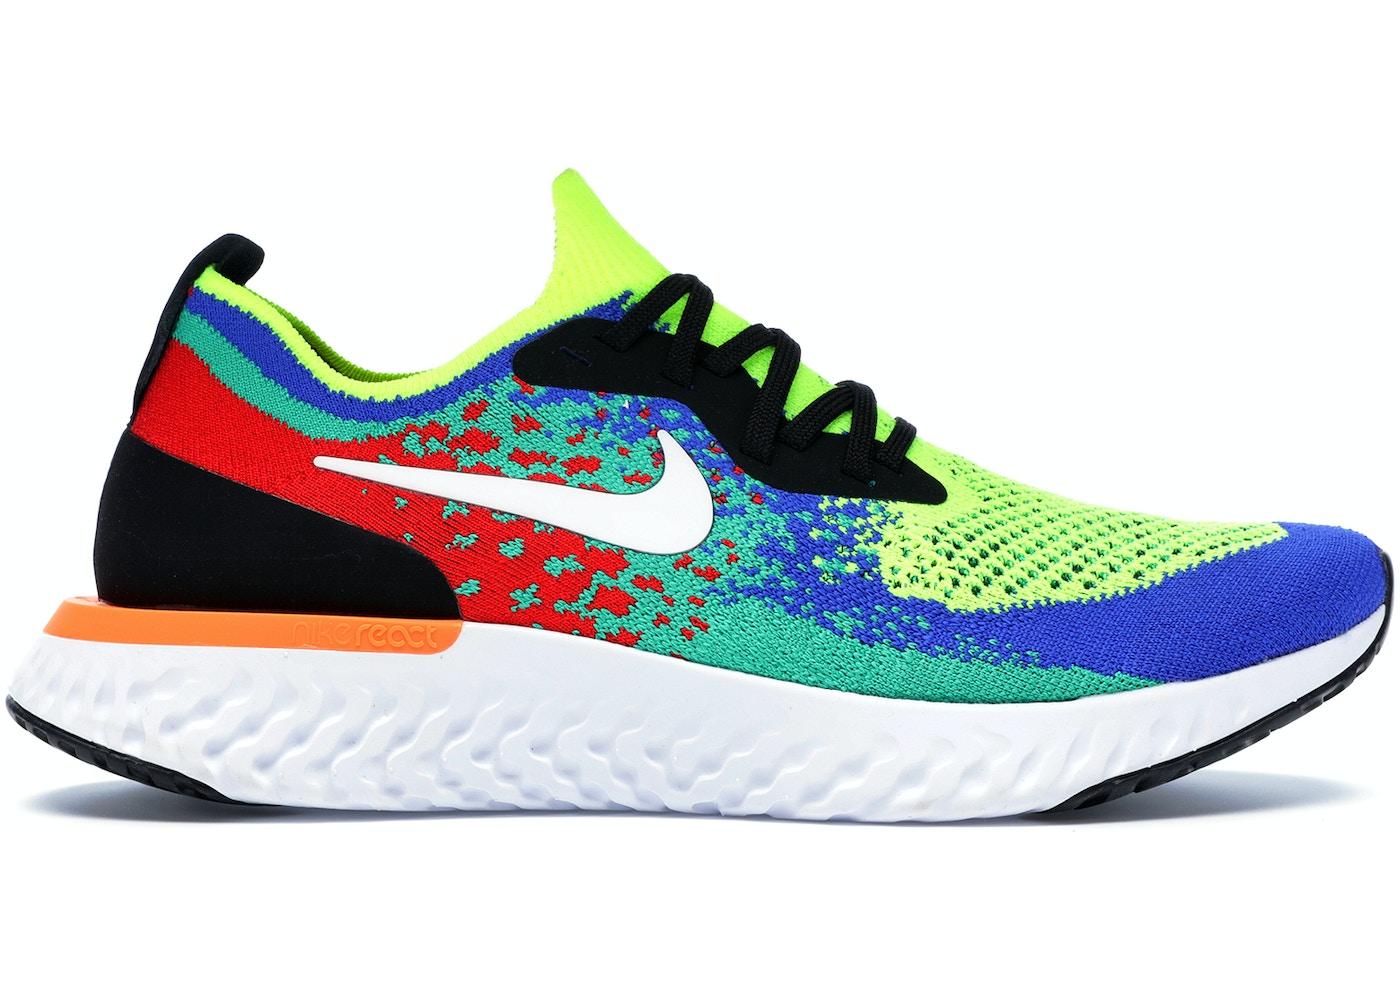 e237de0dcf485 Nike Epic React Flyknit Belgium